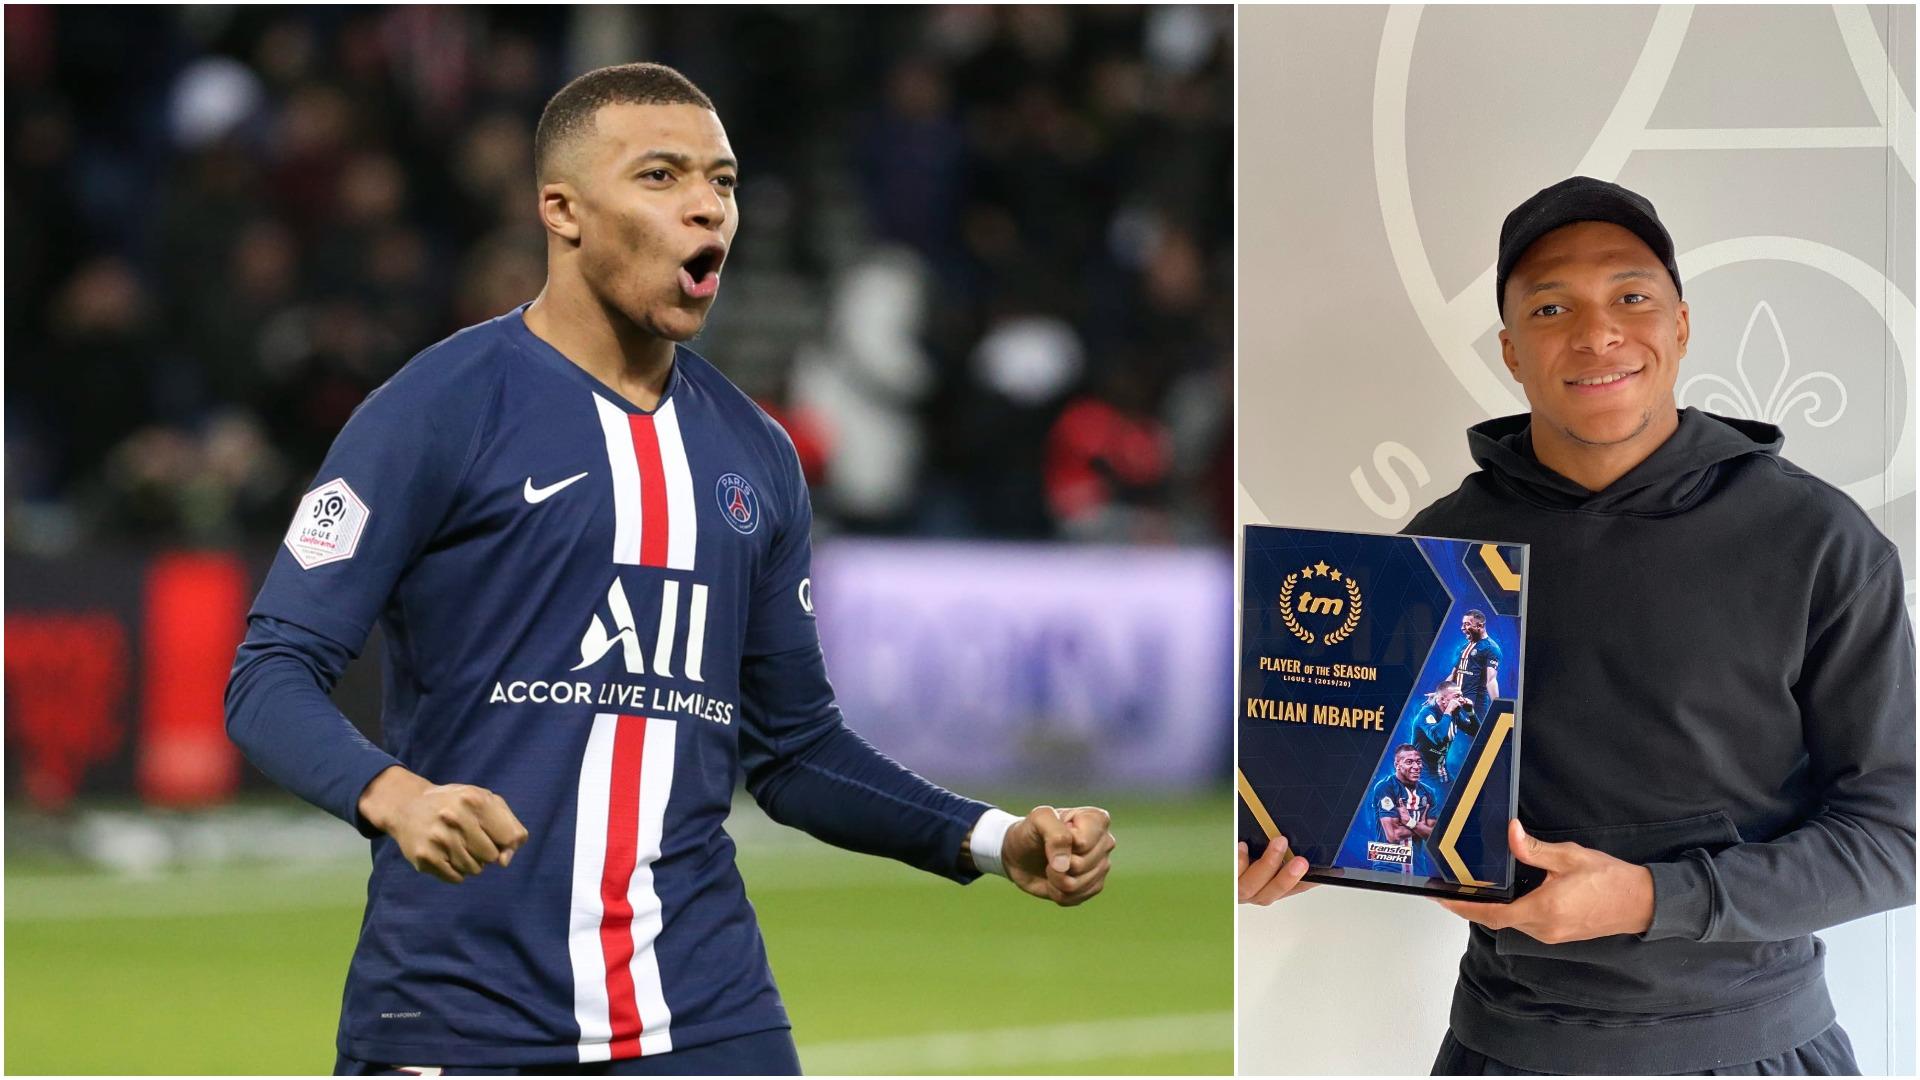 Vlerësimi i radhës për Mbappe, ylli i PSG-së shpallet më i miri